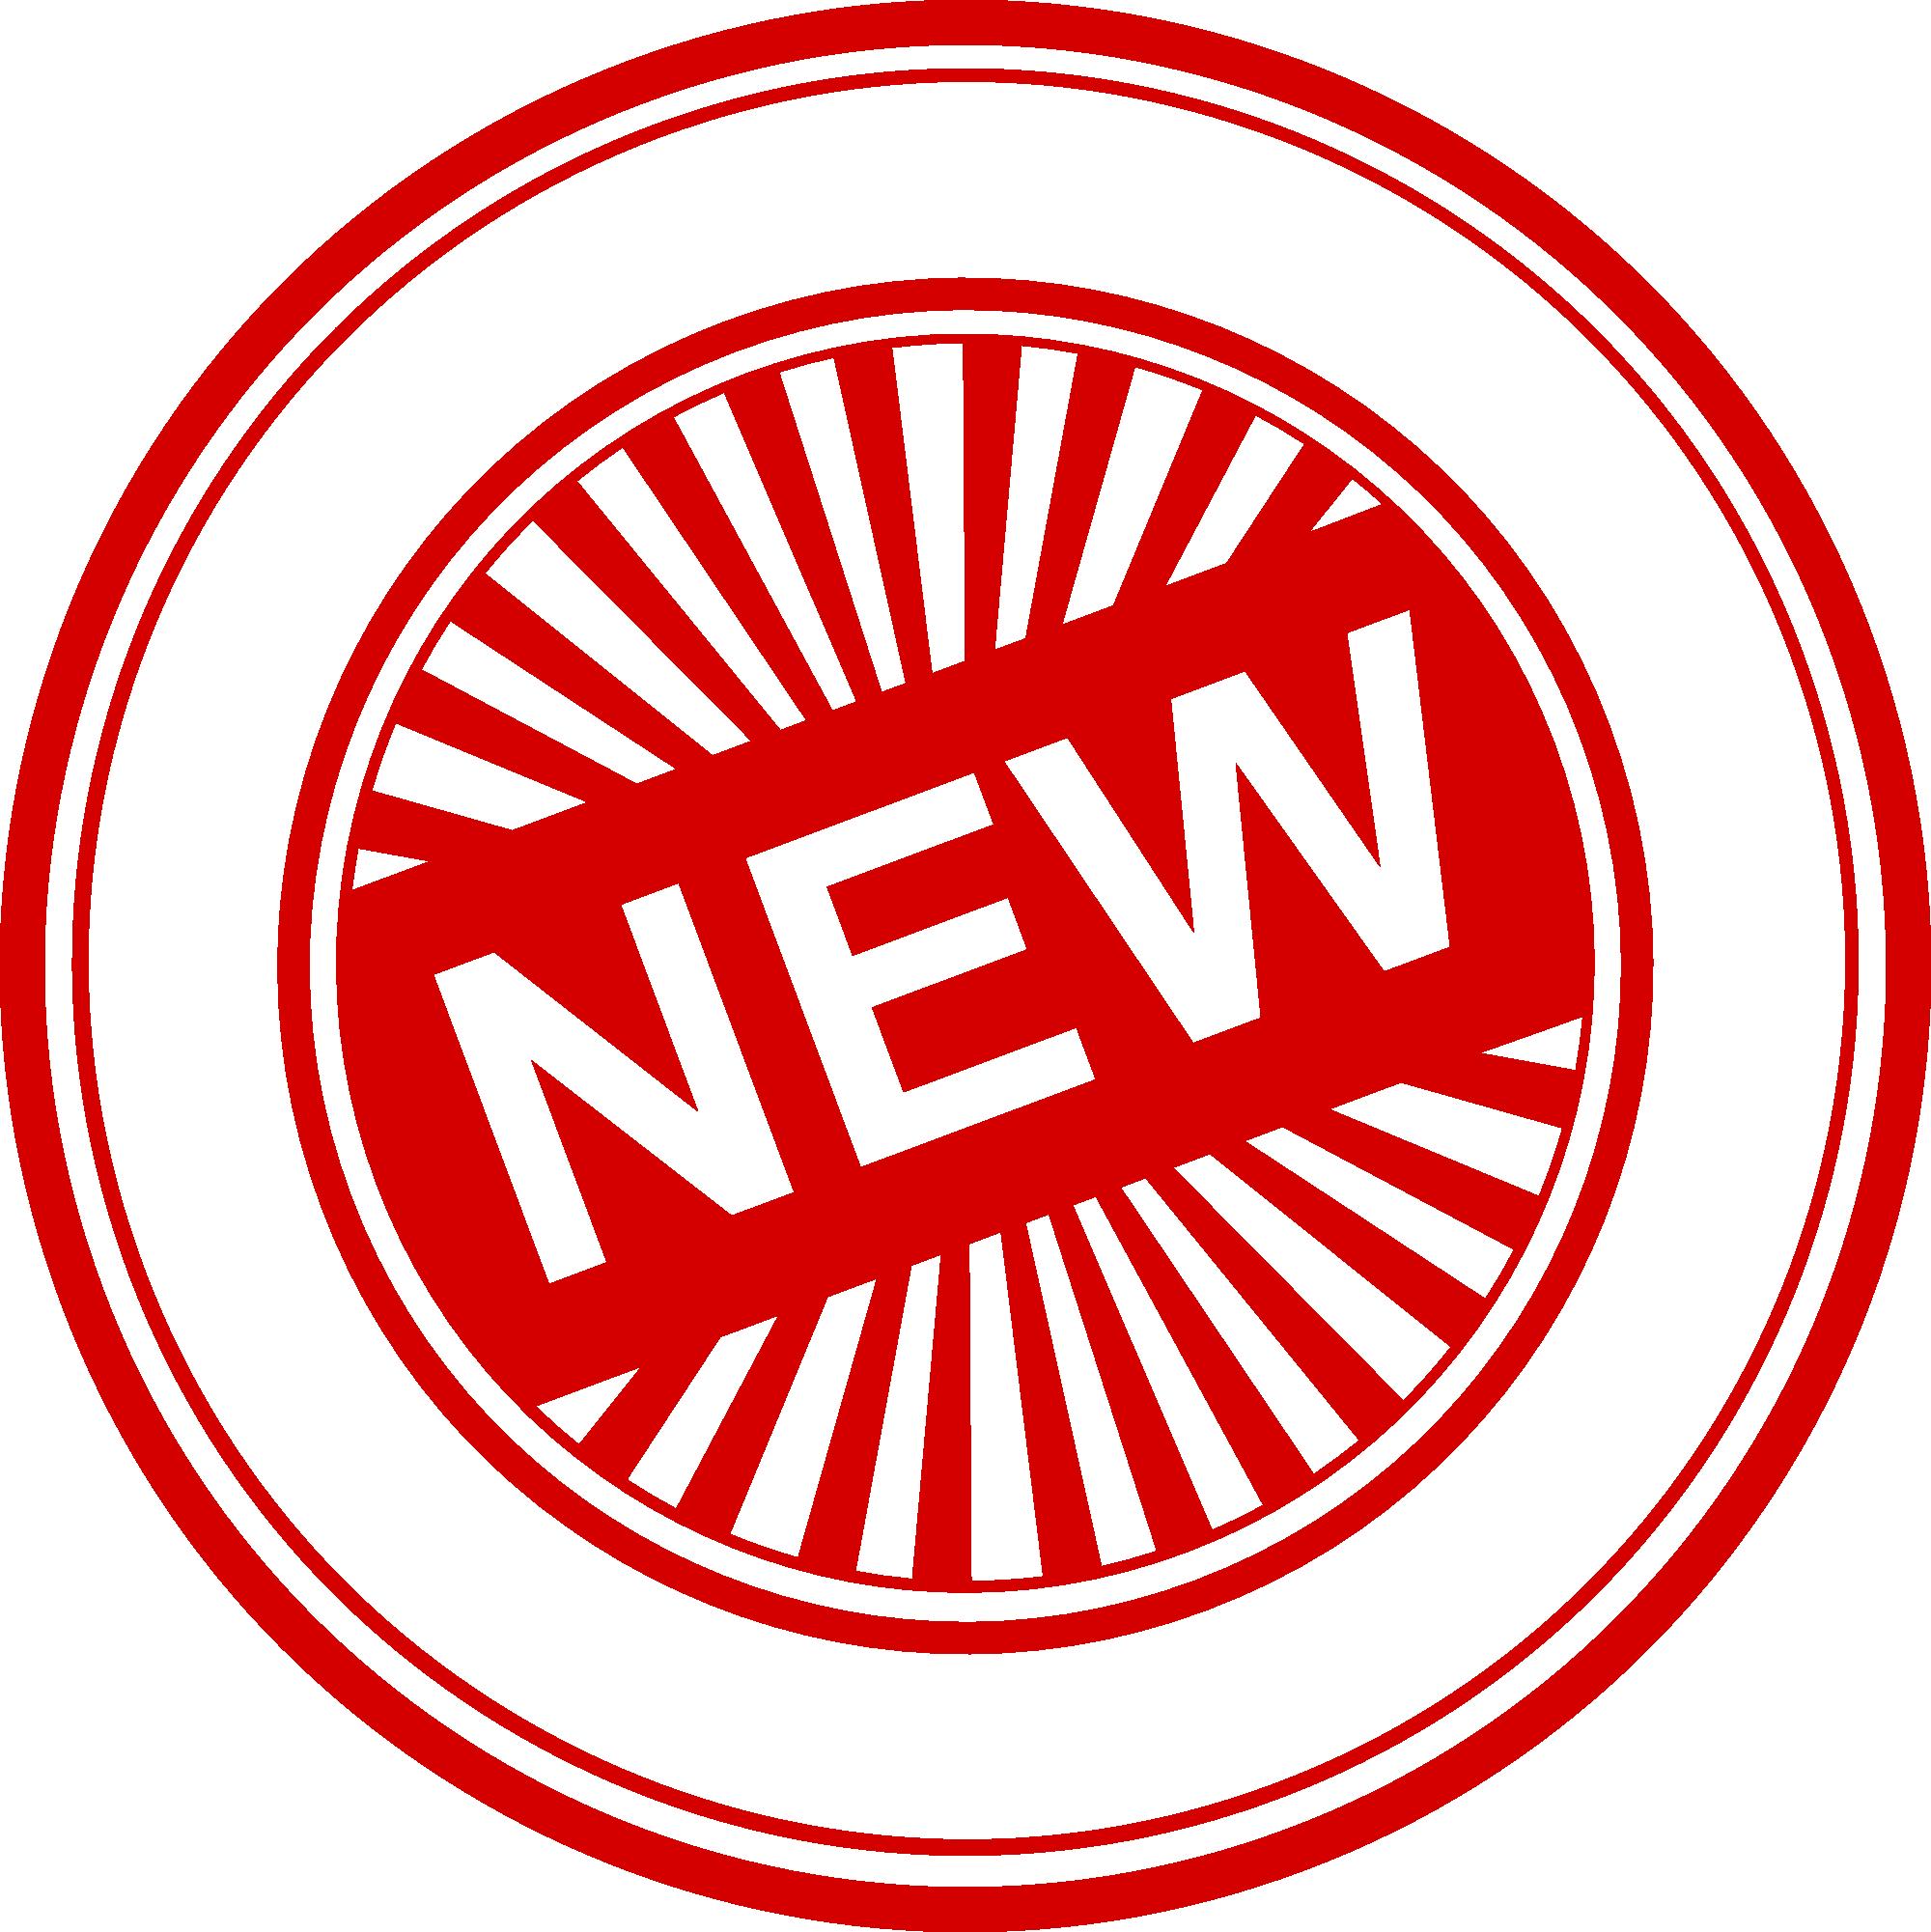 Ͽ� Ͽ� Ͽ� Ͽ� Ͽ� Ͽ� Ͽ� Ͽ� Ͽ� Ͽ� Ͽ� Ͽ� Ͽ� Ͽ� Ͽ� Ͽ� Ͽ� Ͽ� Ͽ� Ͽ� Ͽ� Ͽ� Ͽ� Ͽ� Ͽ� Ͽ� Ͽ� Ͽ� Ͽ� Ͽ� Ͽ� Ͽ� Ͽ� Ͽ� Ͽ� Ͽ� Ͽ� Ͽ� Ͽ� Ͽ� Ͽ� Ͽ� Ͽ� Ͽ� Ͽ� Ͽ� Ͽ� Ͽ� Ͽ� Png: 4 New Stamp Vector (PNG Transparent, SVG)